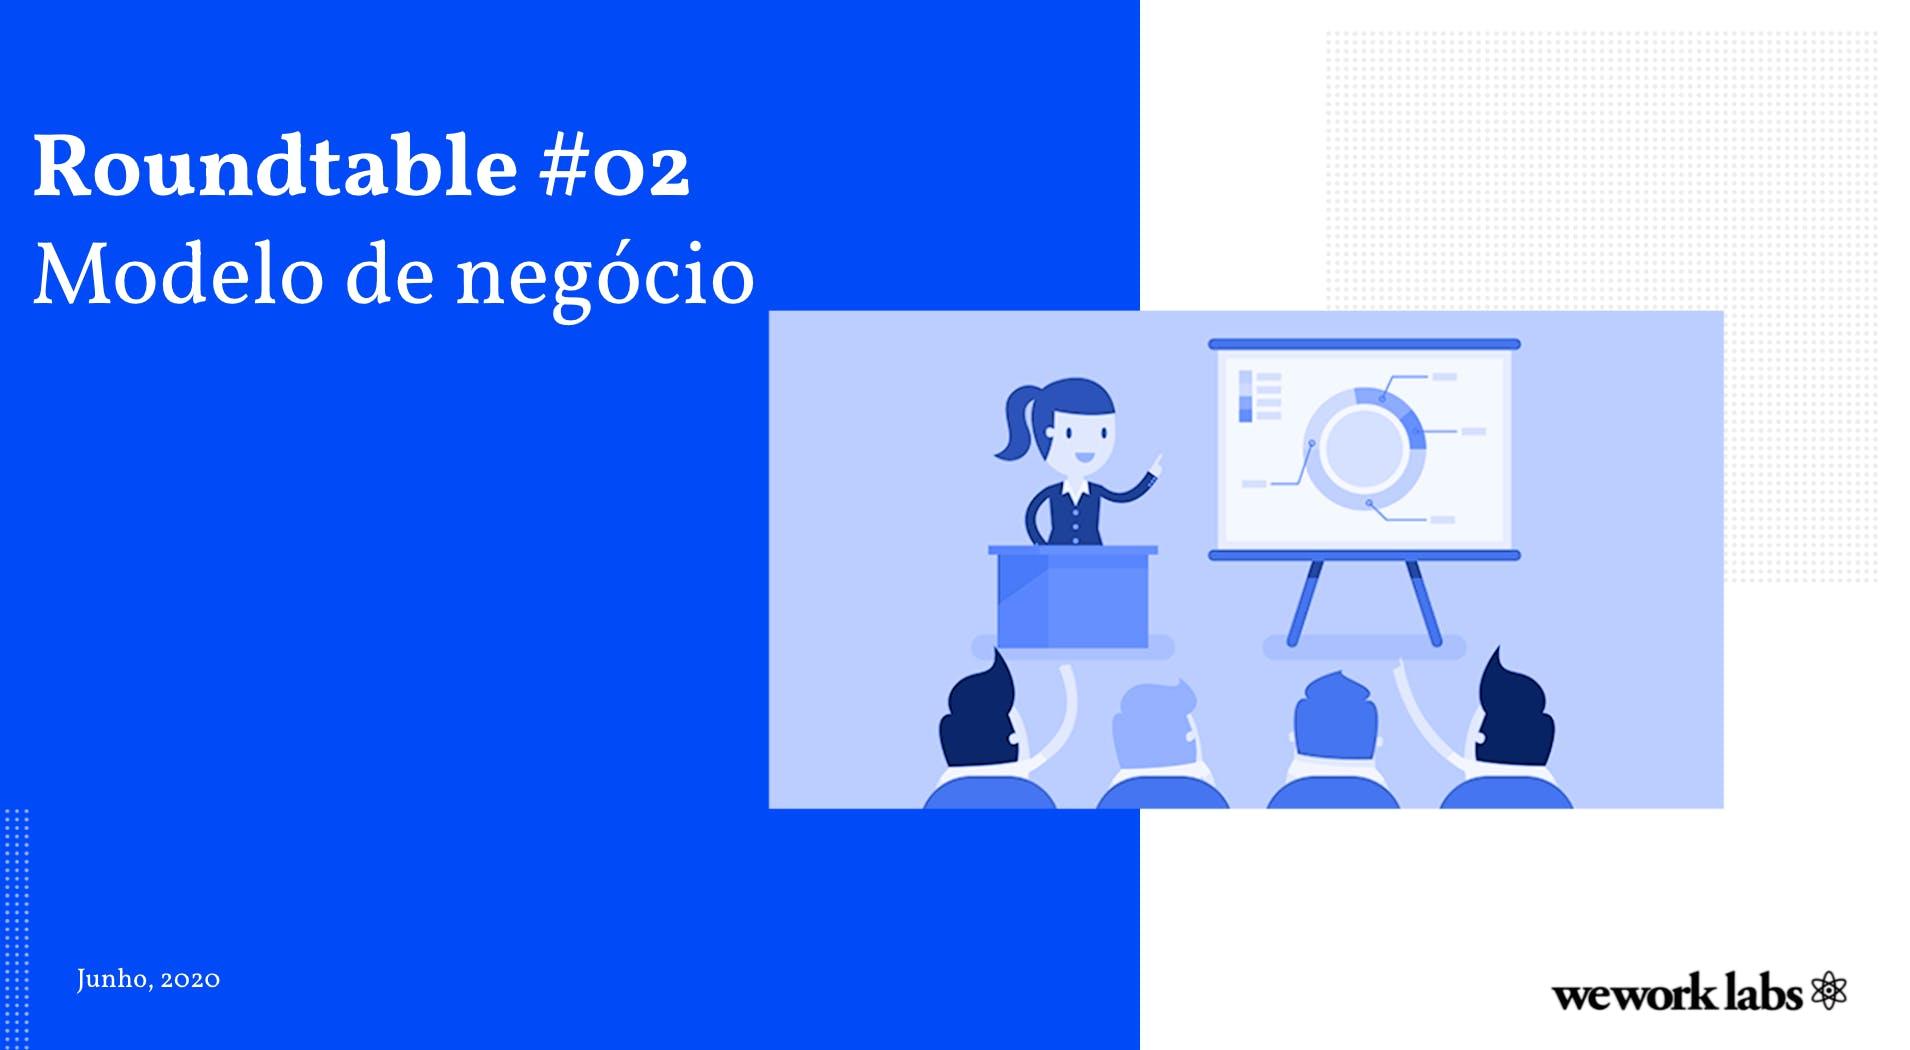 Roundtable #02 | Modelo de Negócio